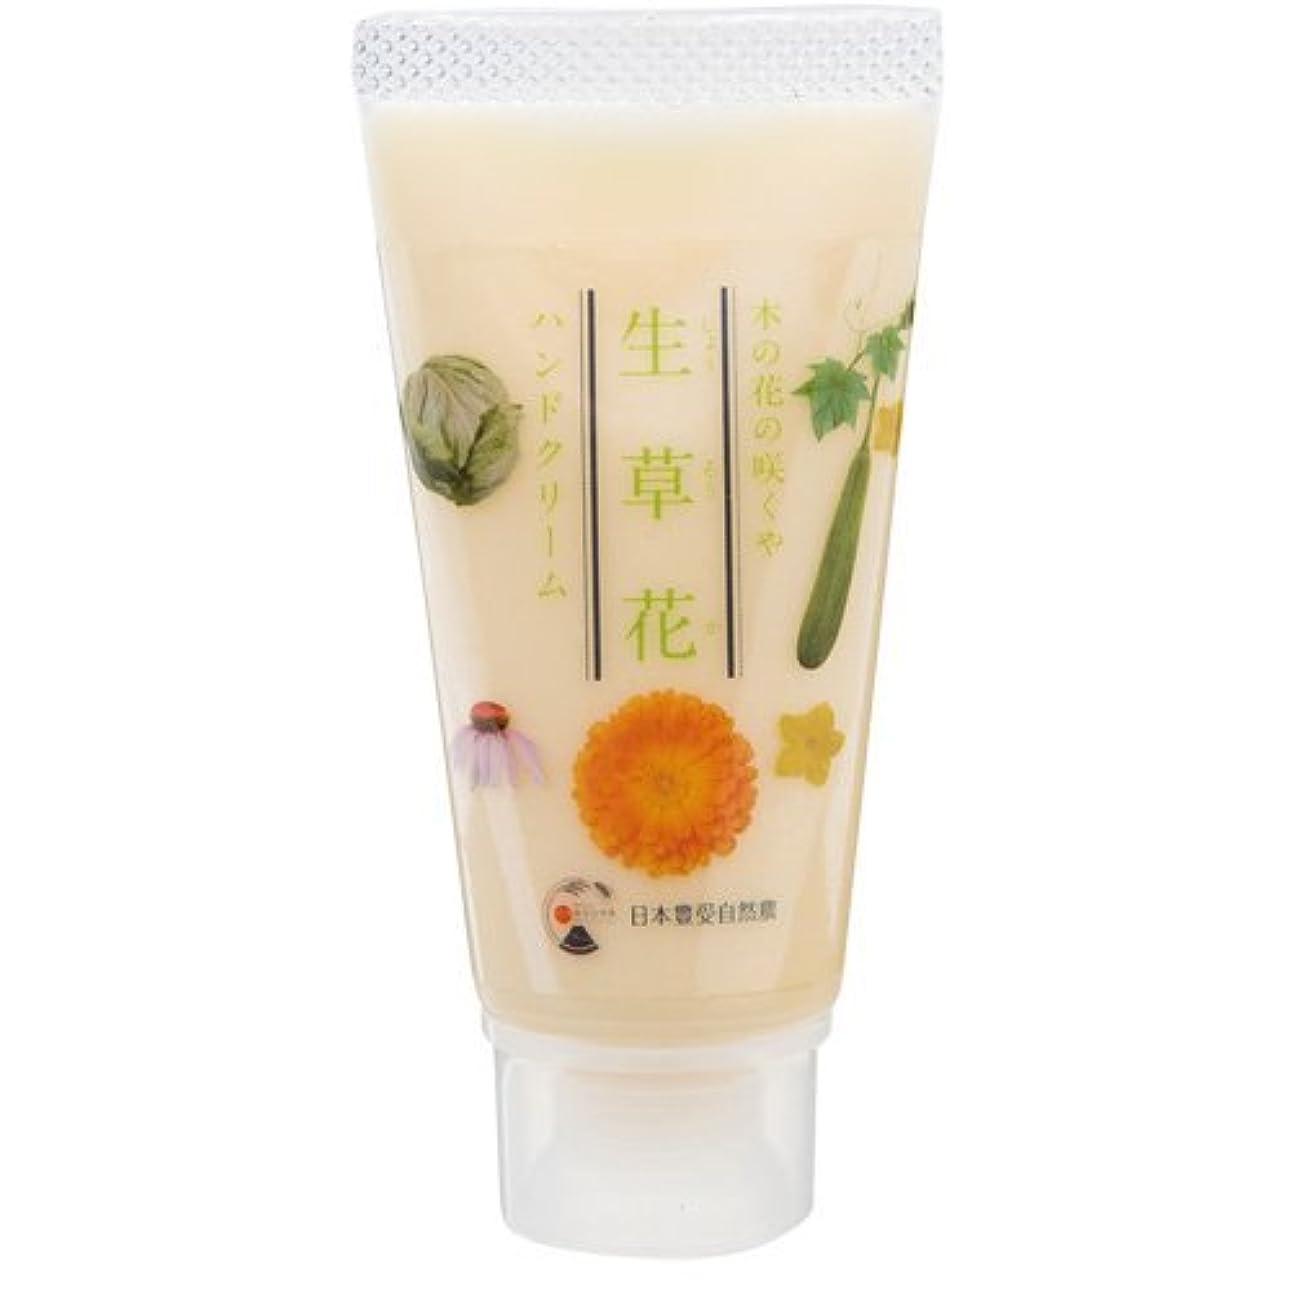 ビジュアルバラ色シャーク日本豊受自然農 木の花の咲くや 生草花 ハンドクリーム 30g